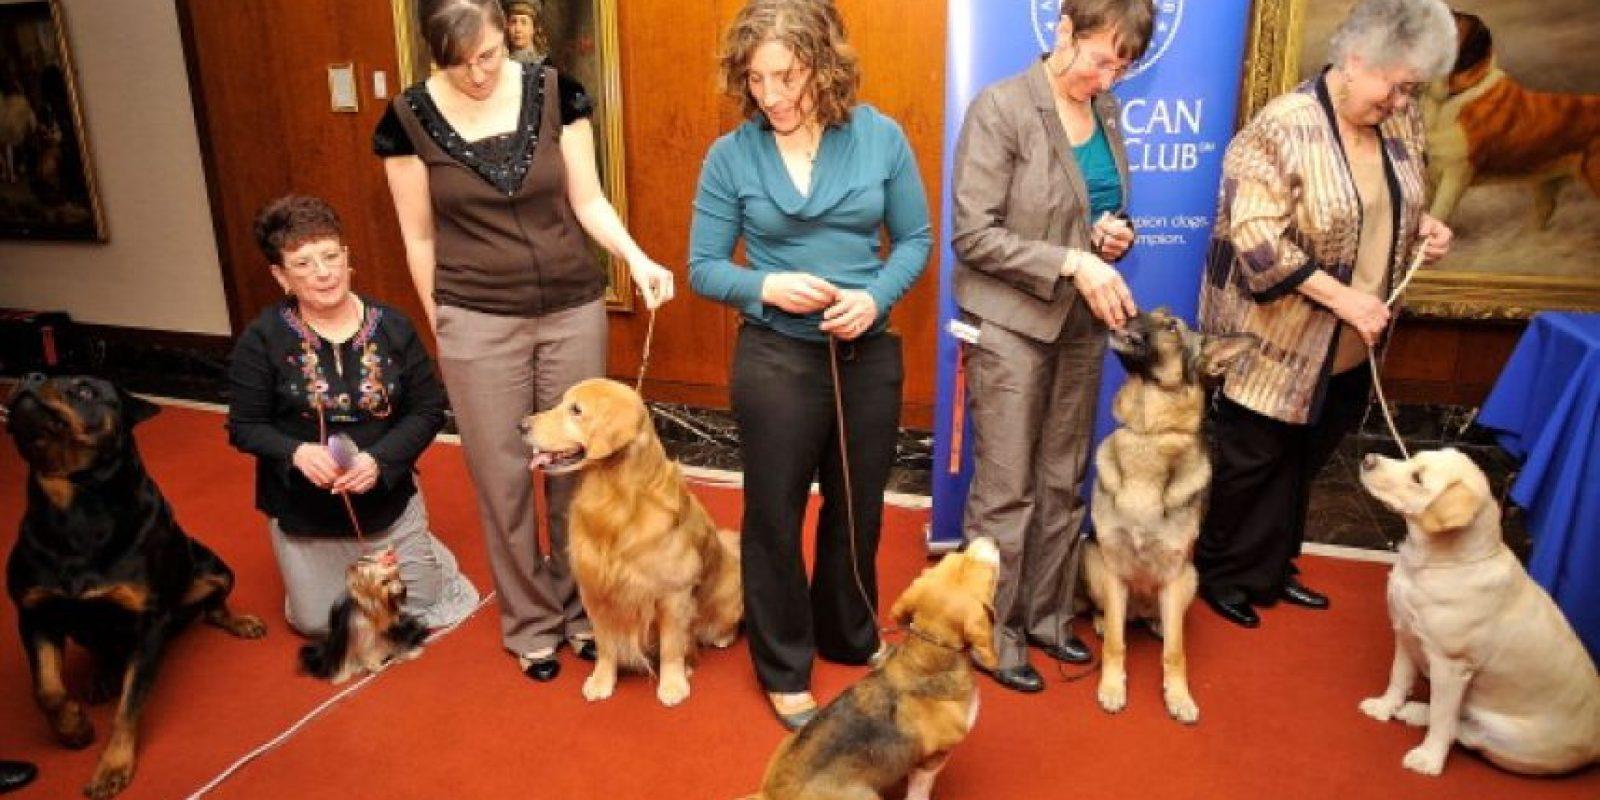 Tampoco se recomienda golpear al perro, ya que es posible irritarlo más Foto:Getty Images